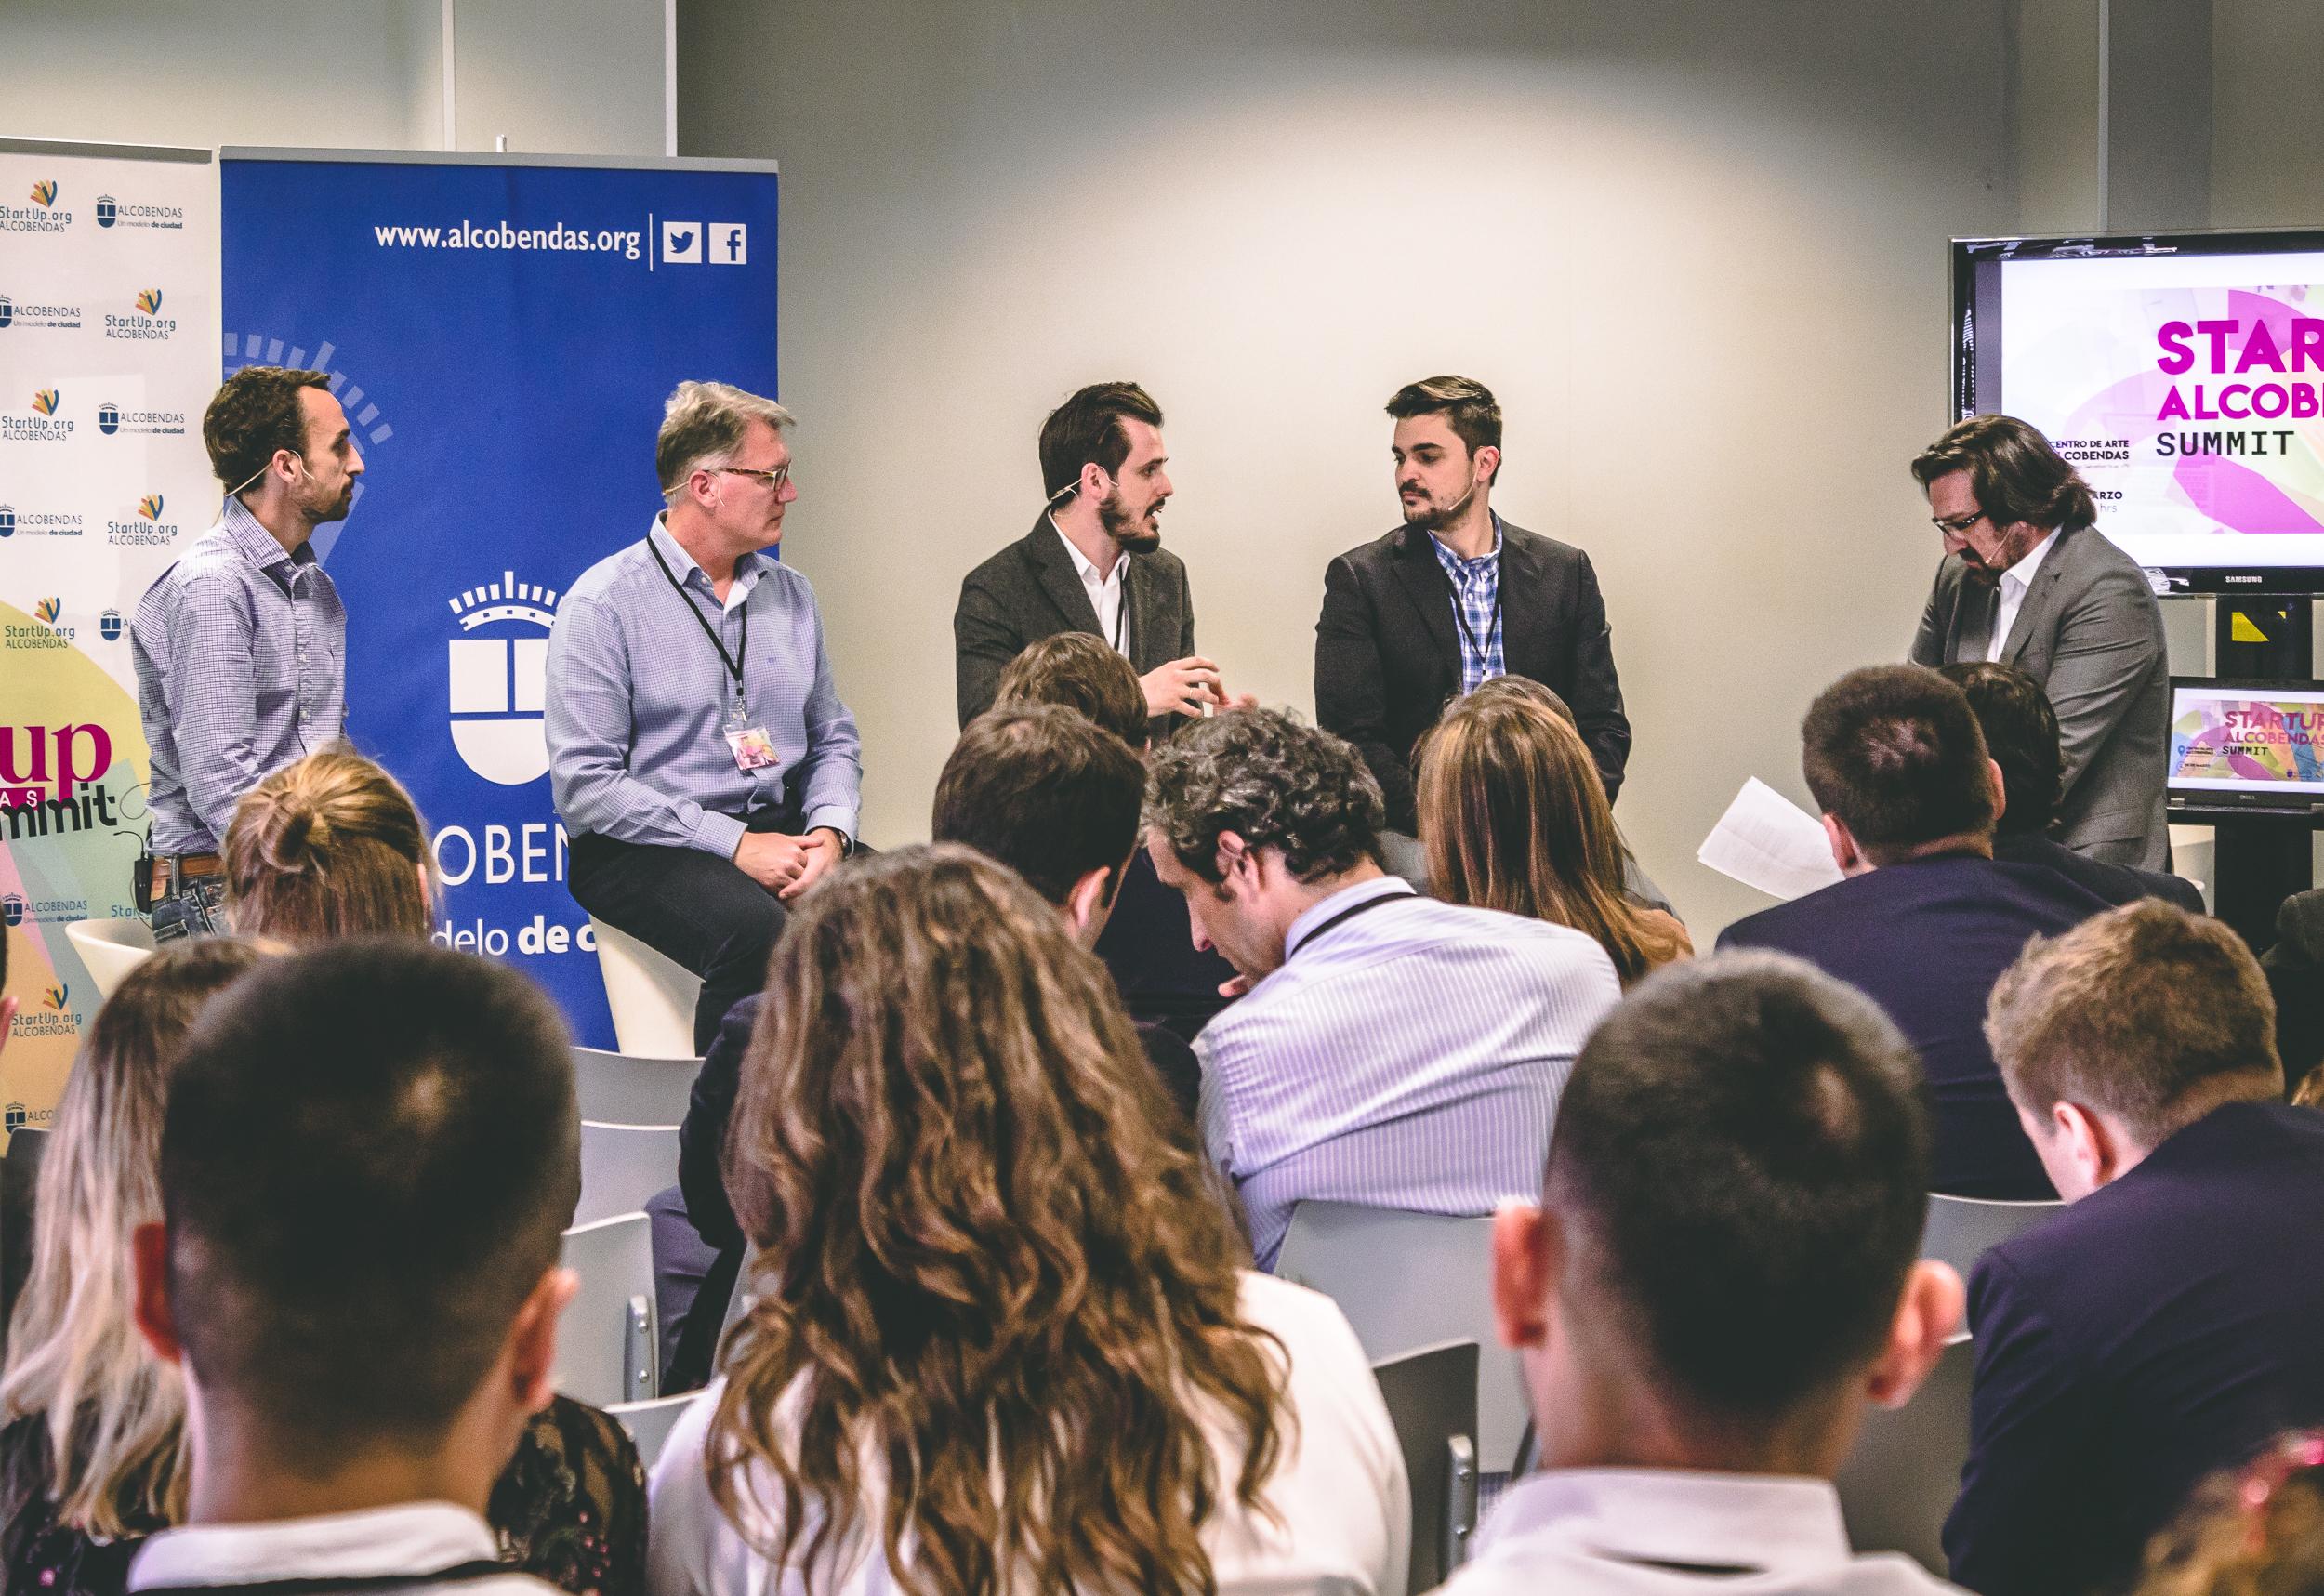 Alcobendas Startups Summit reúne en su primera edición a más de 100 personas